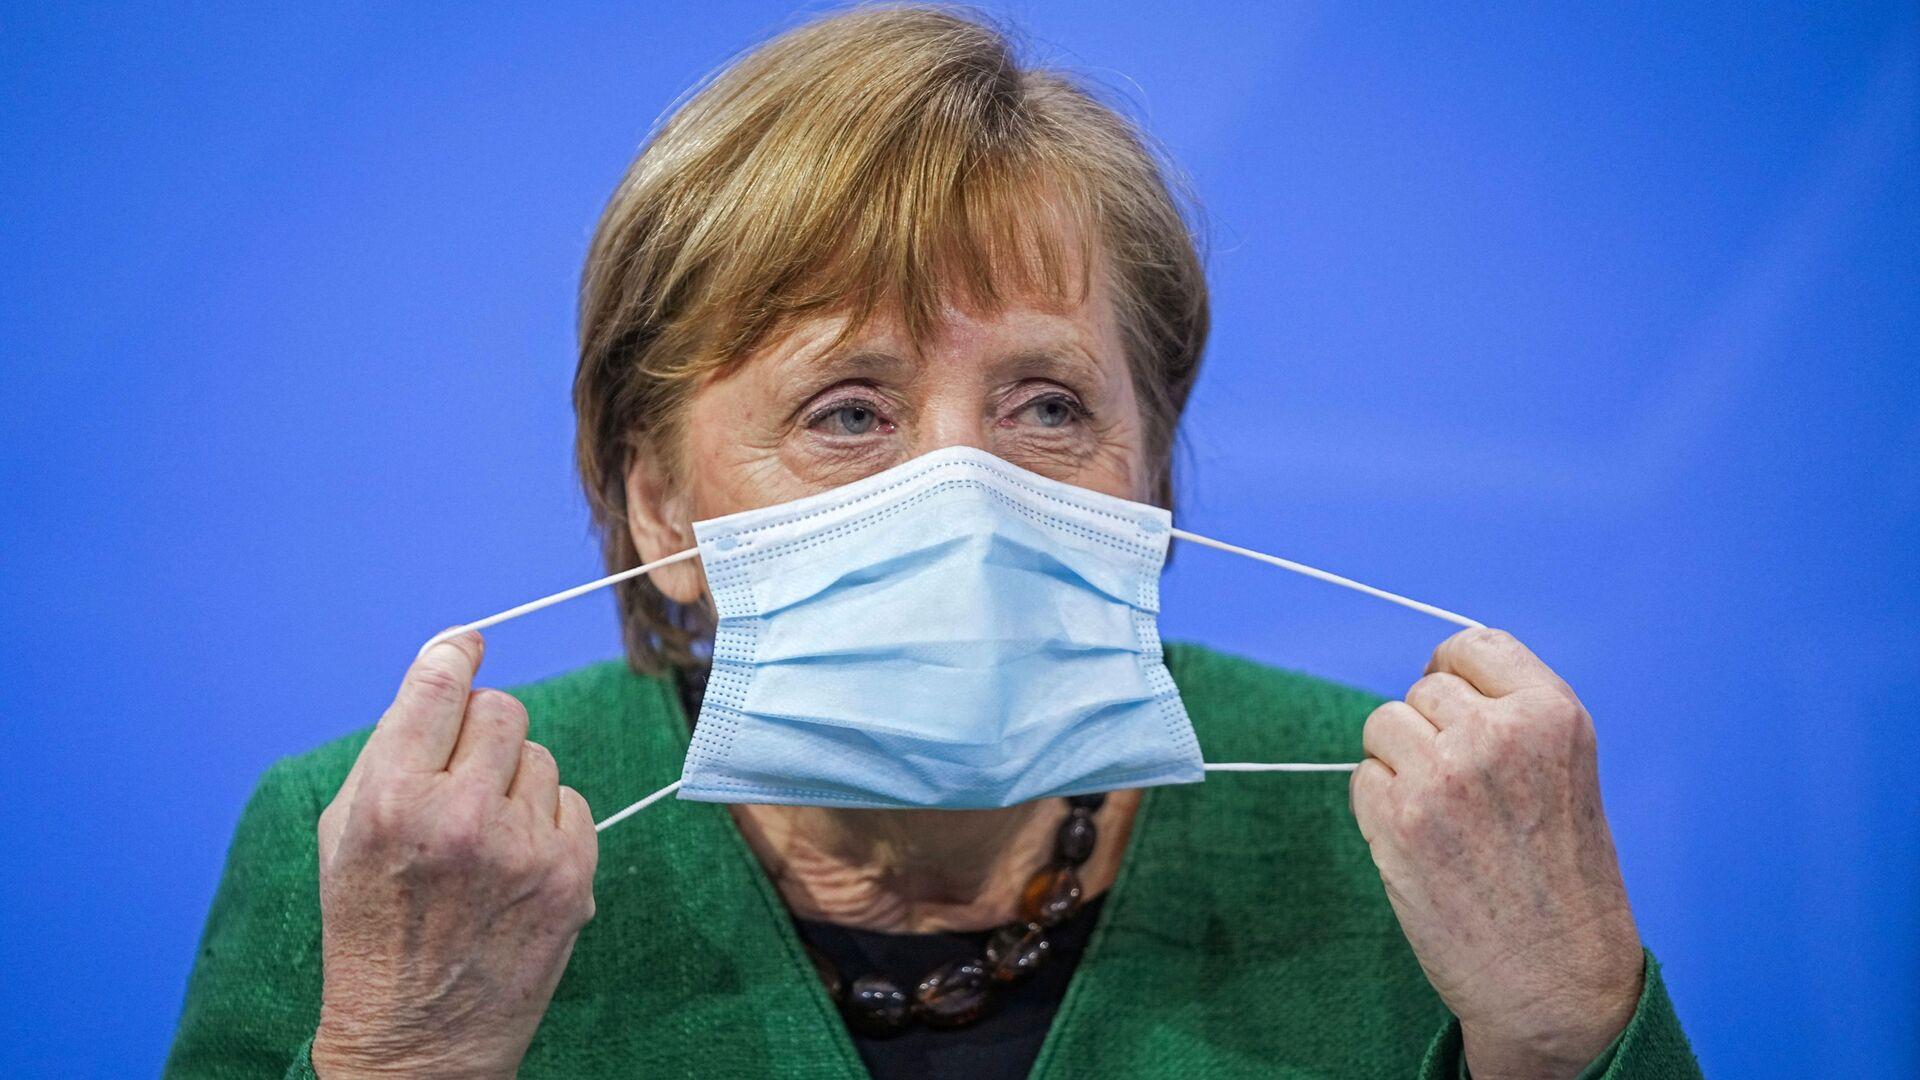 Kanclerz Niemiec Angela Merkel na konferencji prasowej w Niemczech - Sputnik Polska, 1920, 23.03.2021